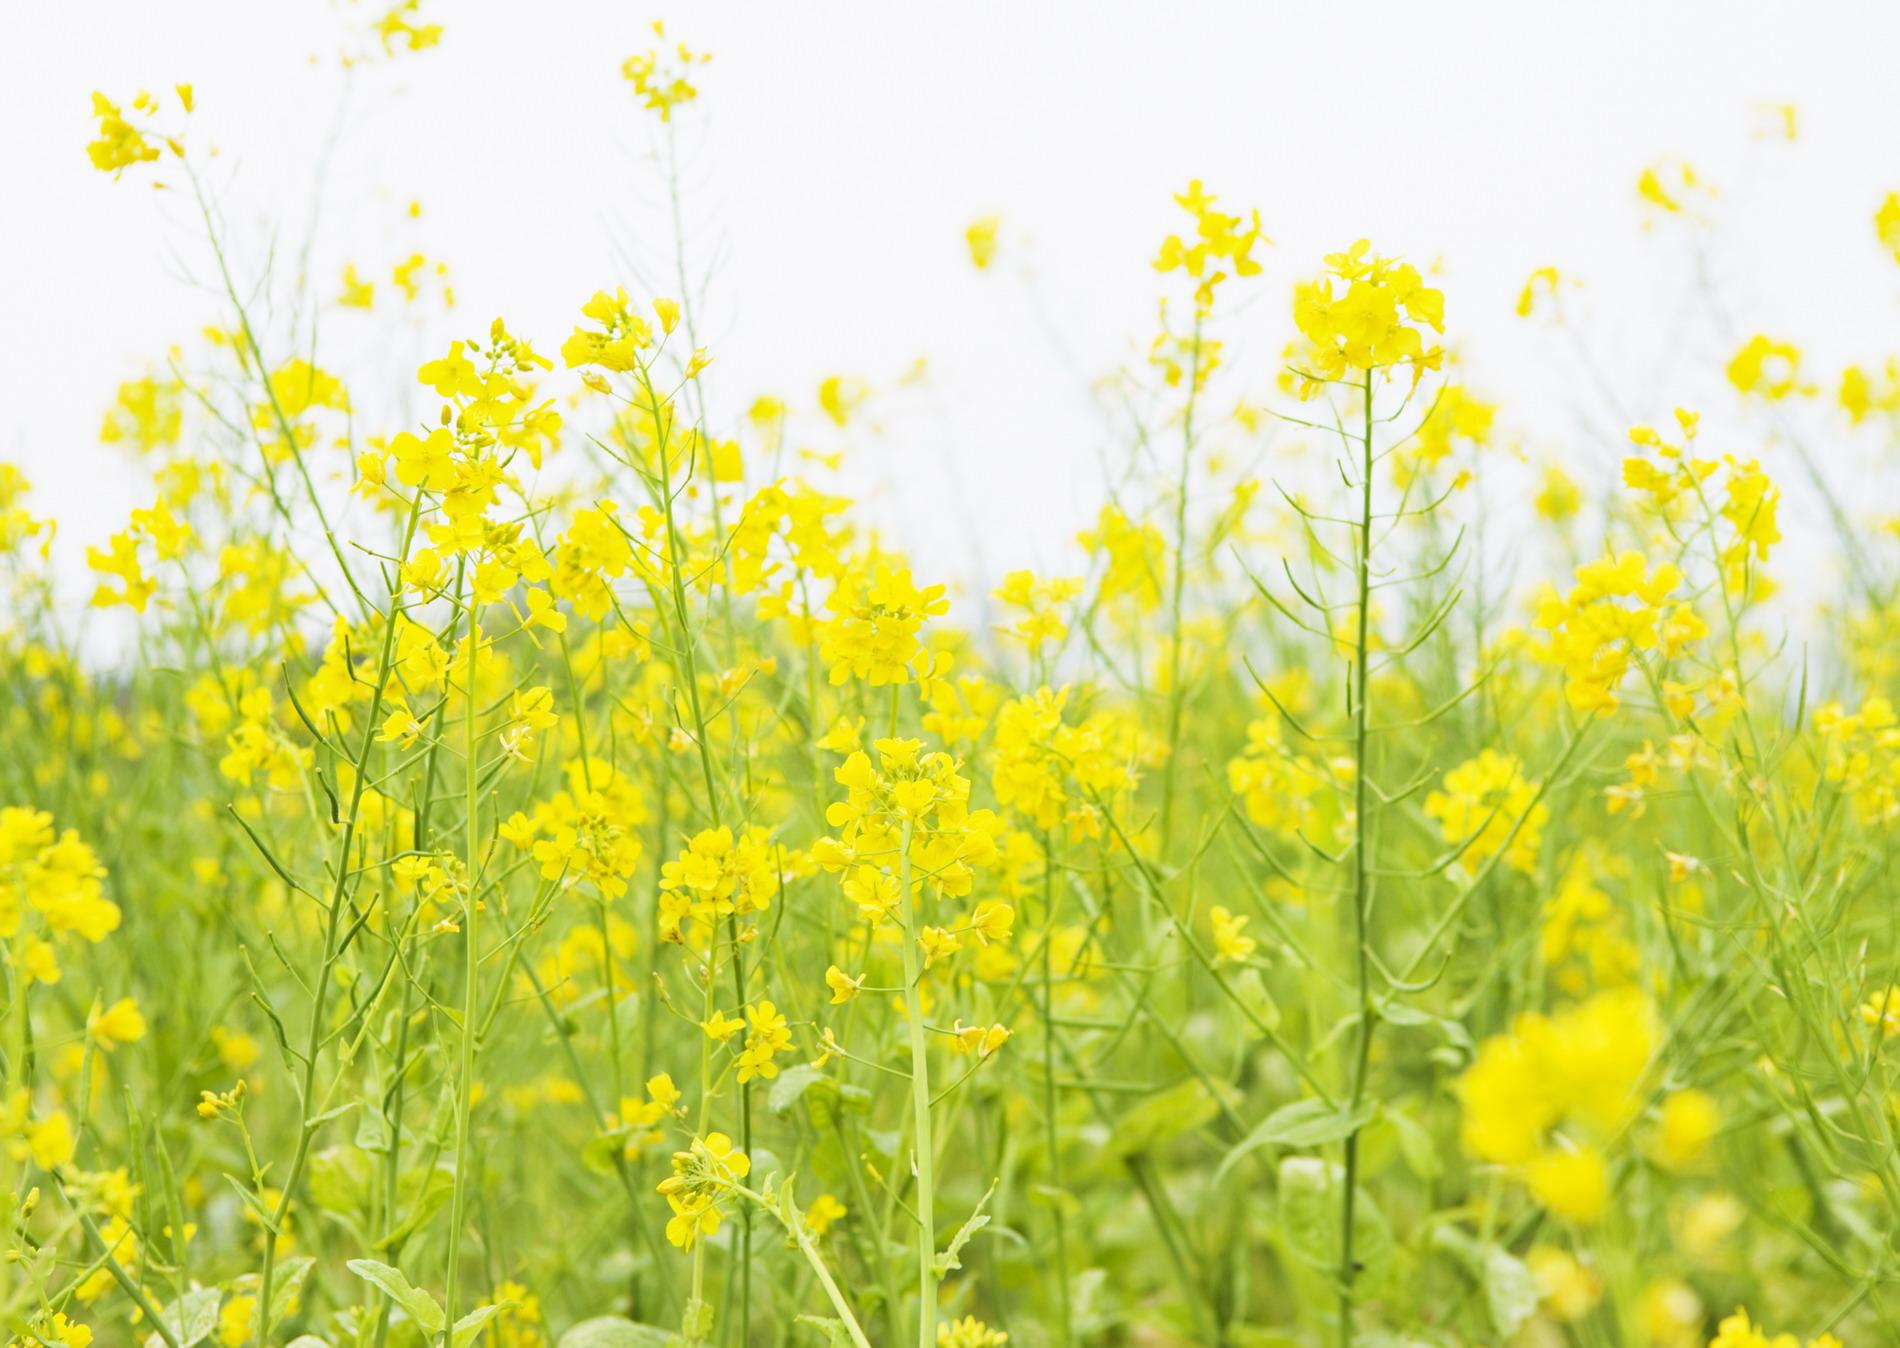 желтые цветы фото с названиями полевые появляется сухость